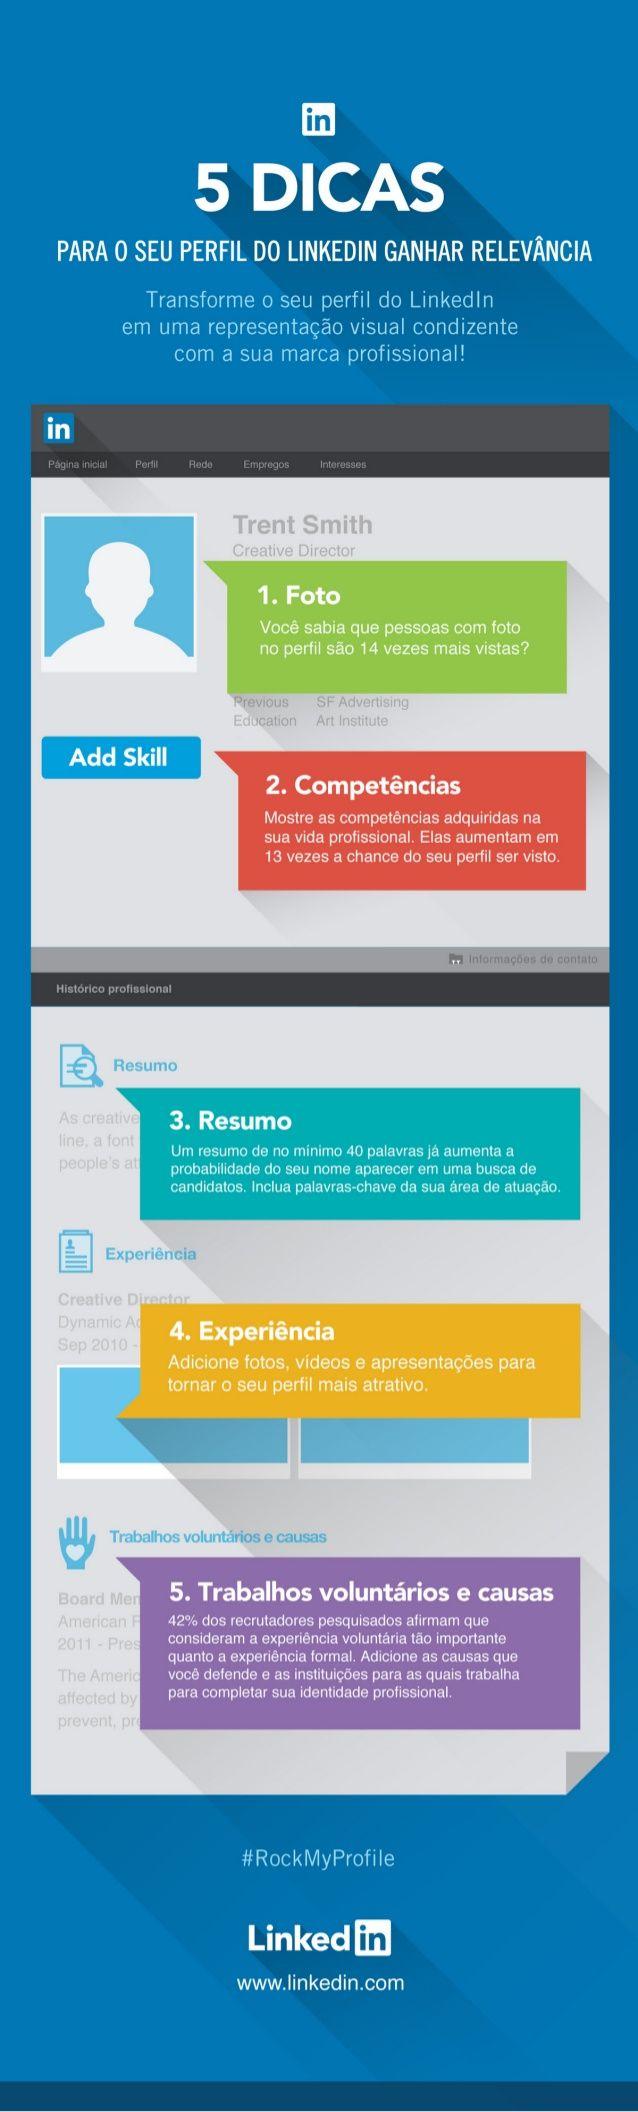 5 Dicas para o seu Perfil do LinkedIn Ganhar Relevância